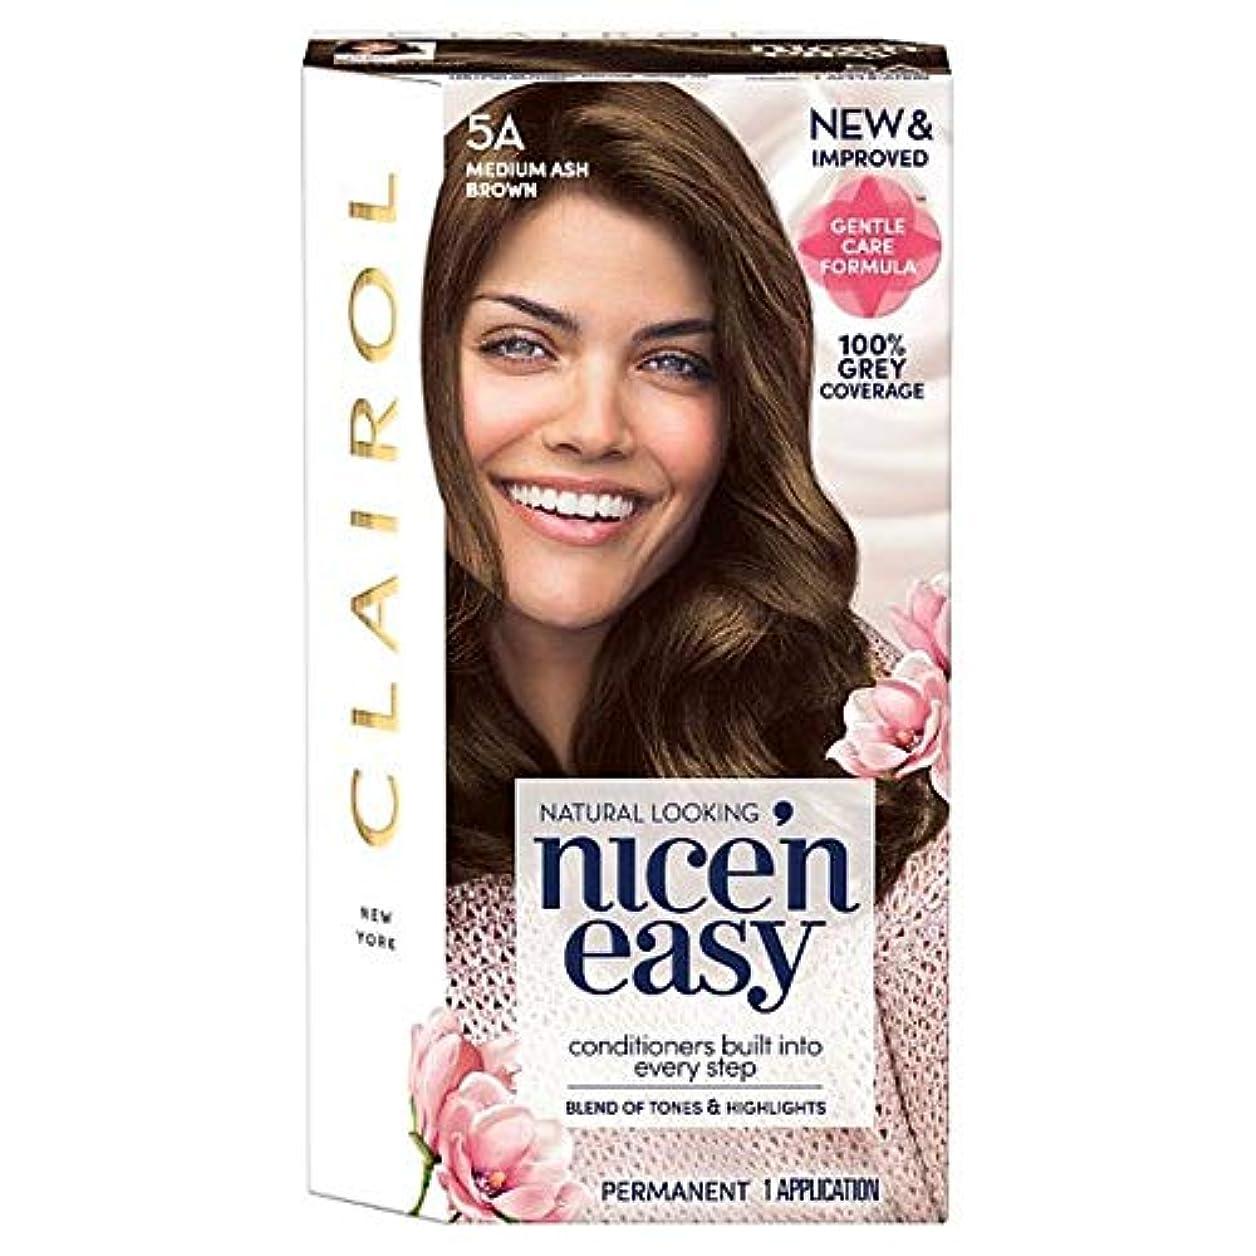 引き渡す逃れる世界の窓[Nice'n Easy] クレイロール素敵な「N簡単にメディアアッシュブラウン5Aの染毛剤 - Clairol Nice 'N Easy Medium Ash Brown 5A Hair Dye [並行輸入品]